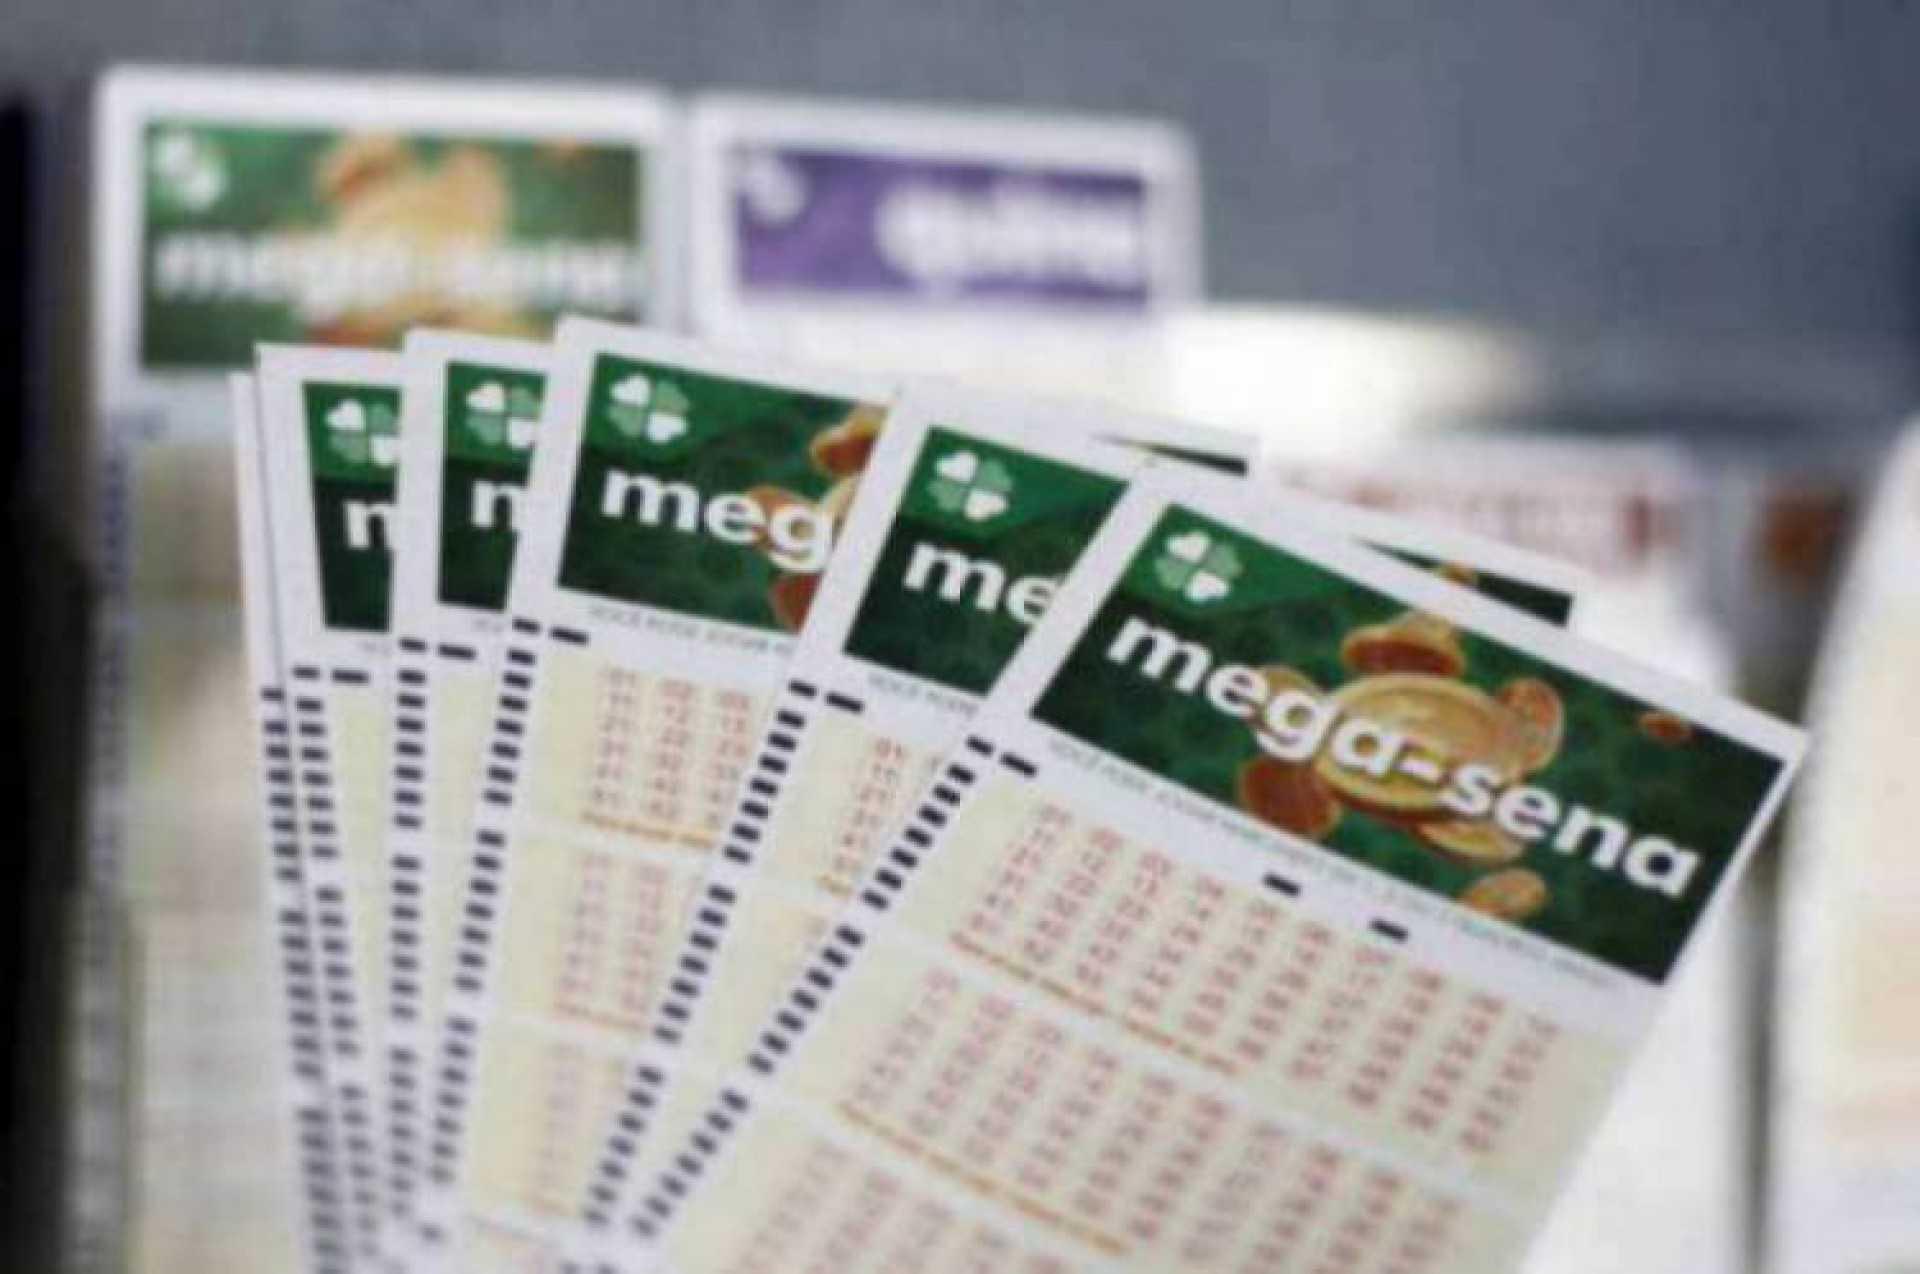 Mega-sena online - participe do próximo sorteio r$40.000.000